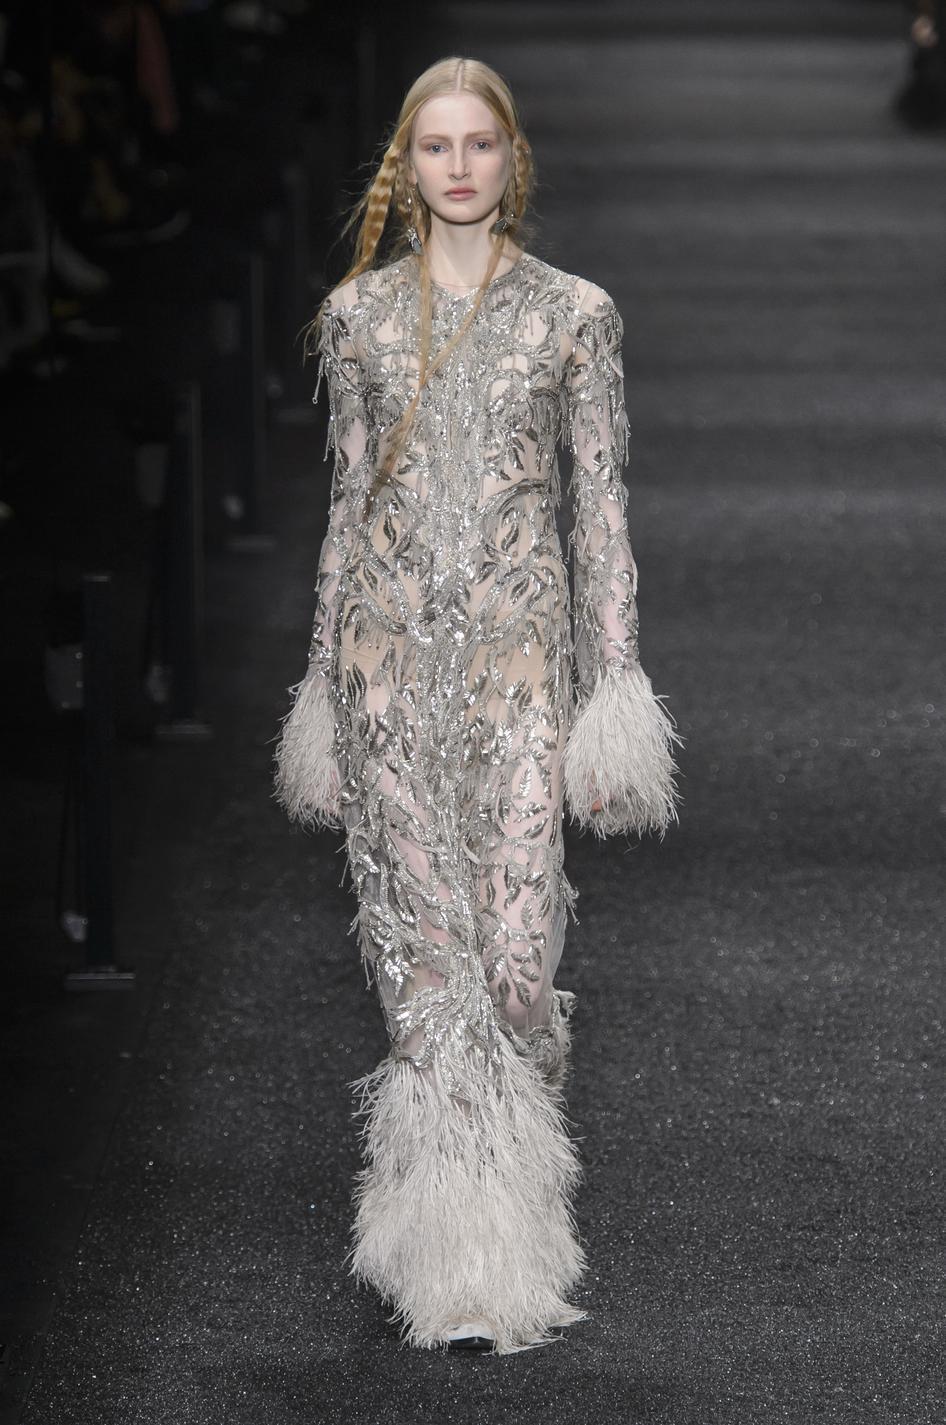 ... Fashion Week automne-hiver 2017-2018   ces robes qui font rêver -  Valentino Fashion Week automne-hiver 2017-2018   ces robes qui font rêver -  Oscar de ... 918053d7caf